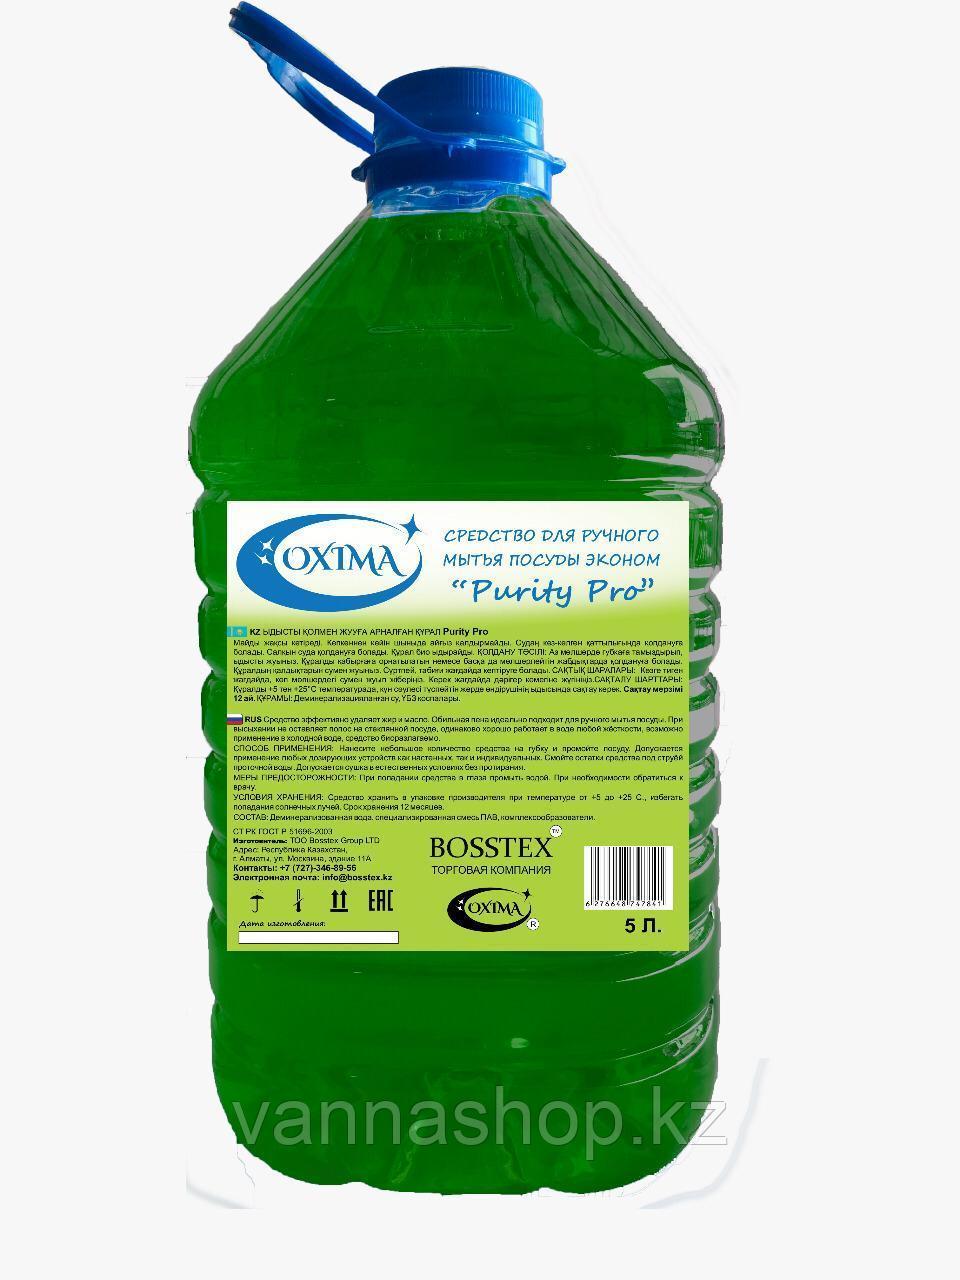 OXIMA Средство для ручного мытья посуды Эконом